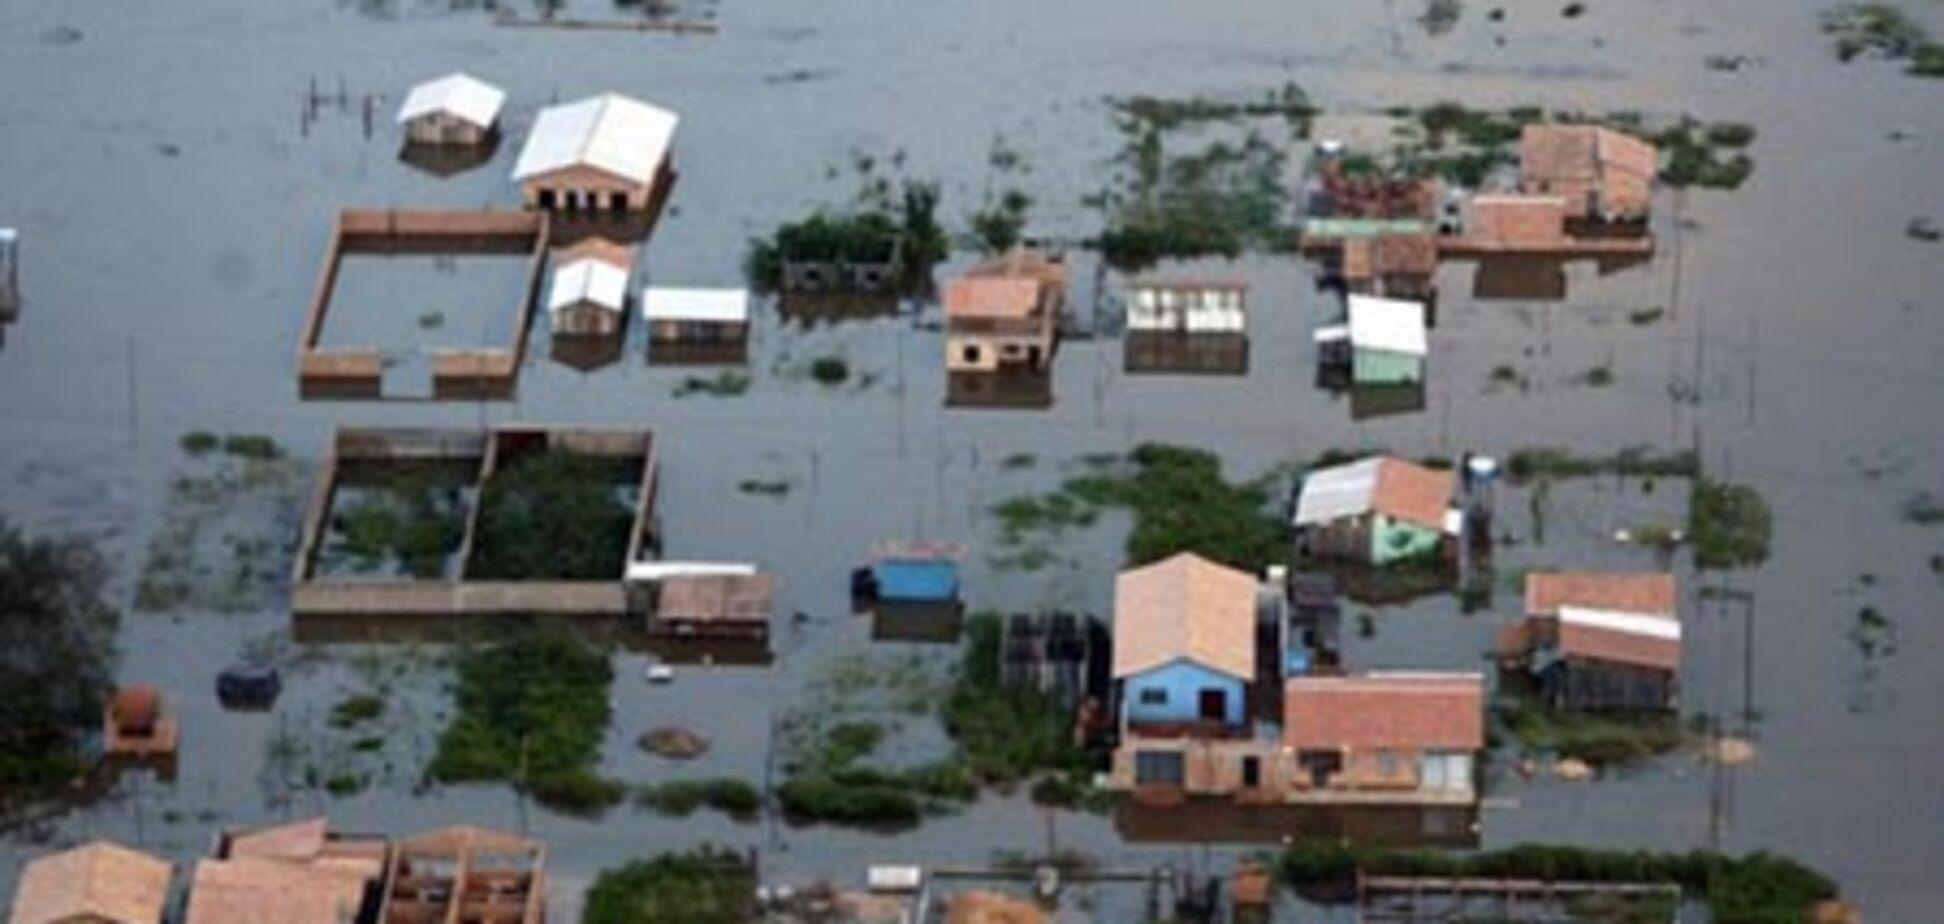 Наводнение в Бразилии: 14 тыс. без крова, более 660 погибших